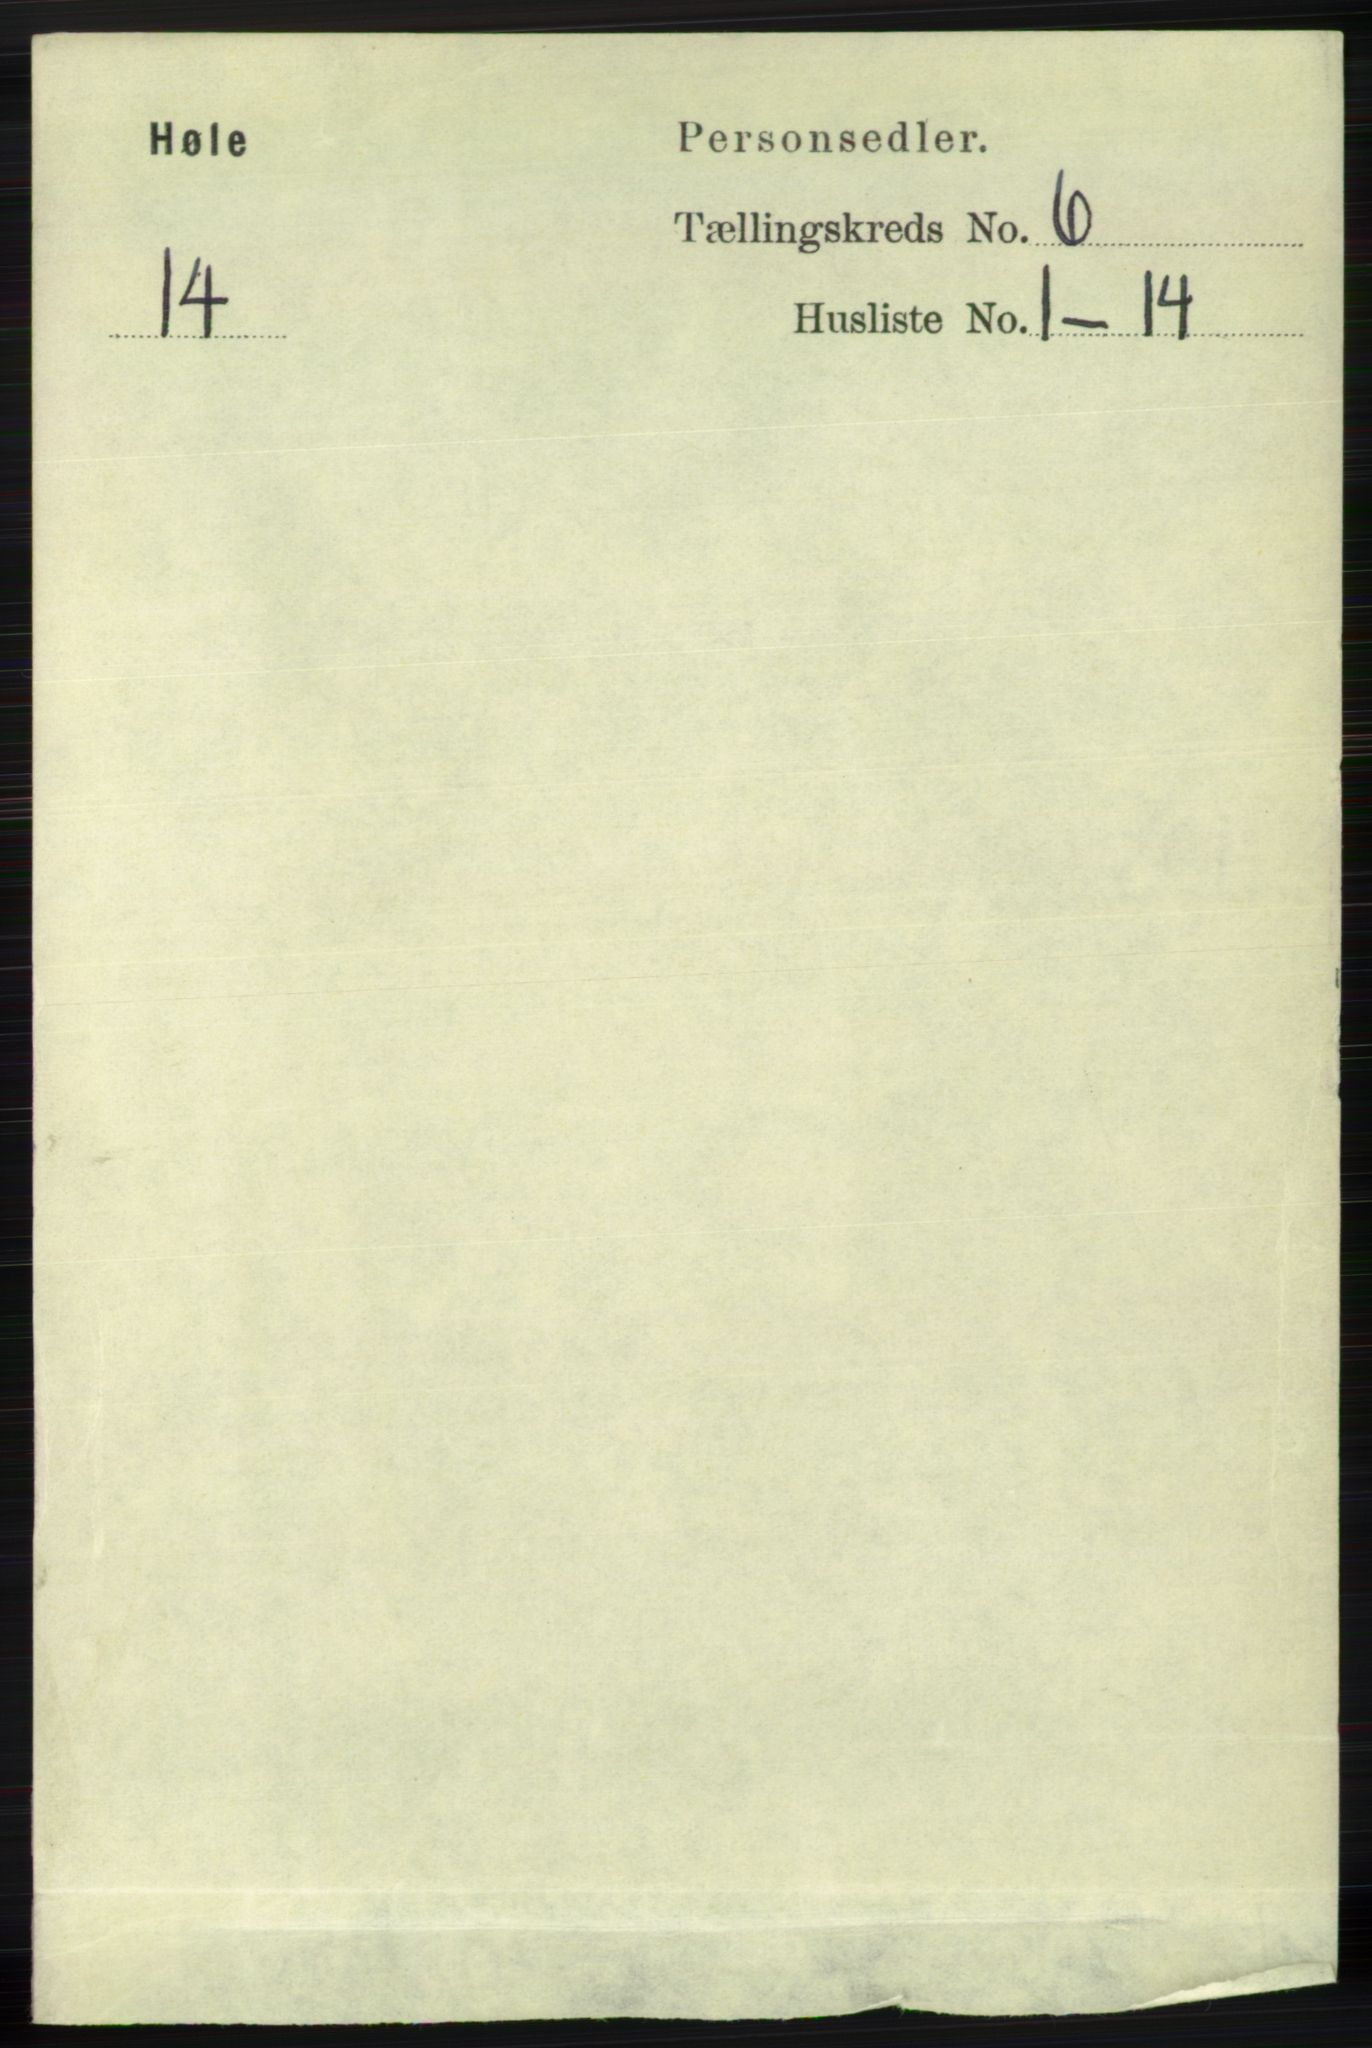 RA, Folketelling 1891 for 1128 Høle herred, 1891, s. 1291